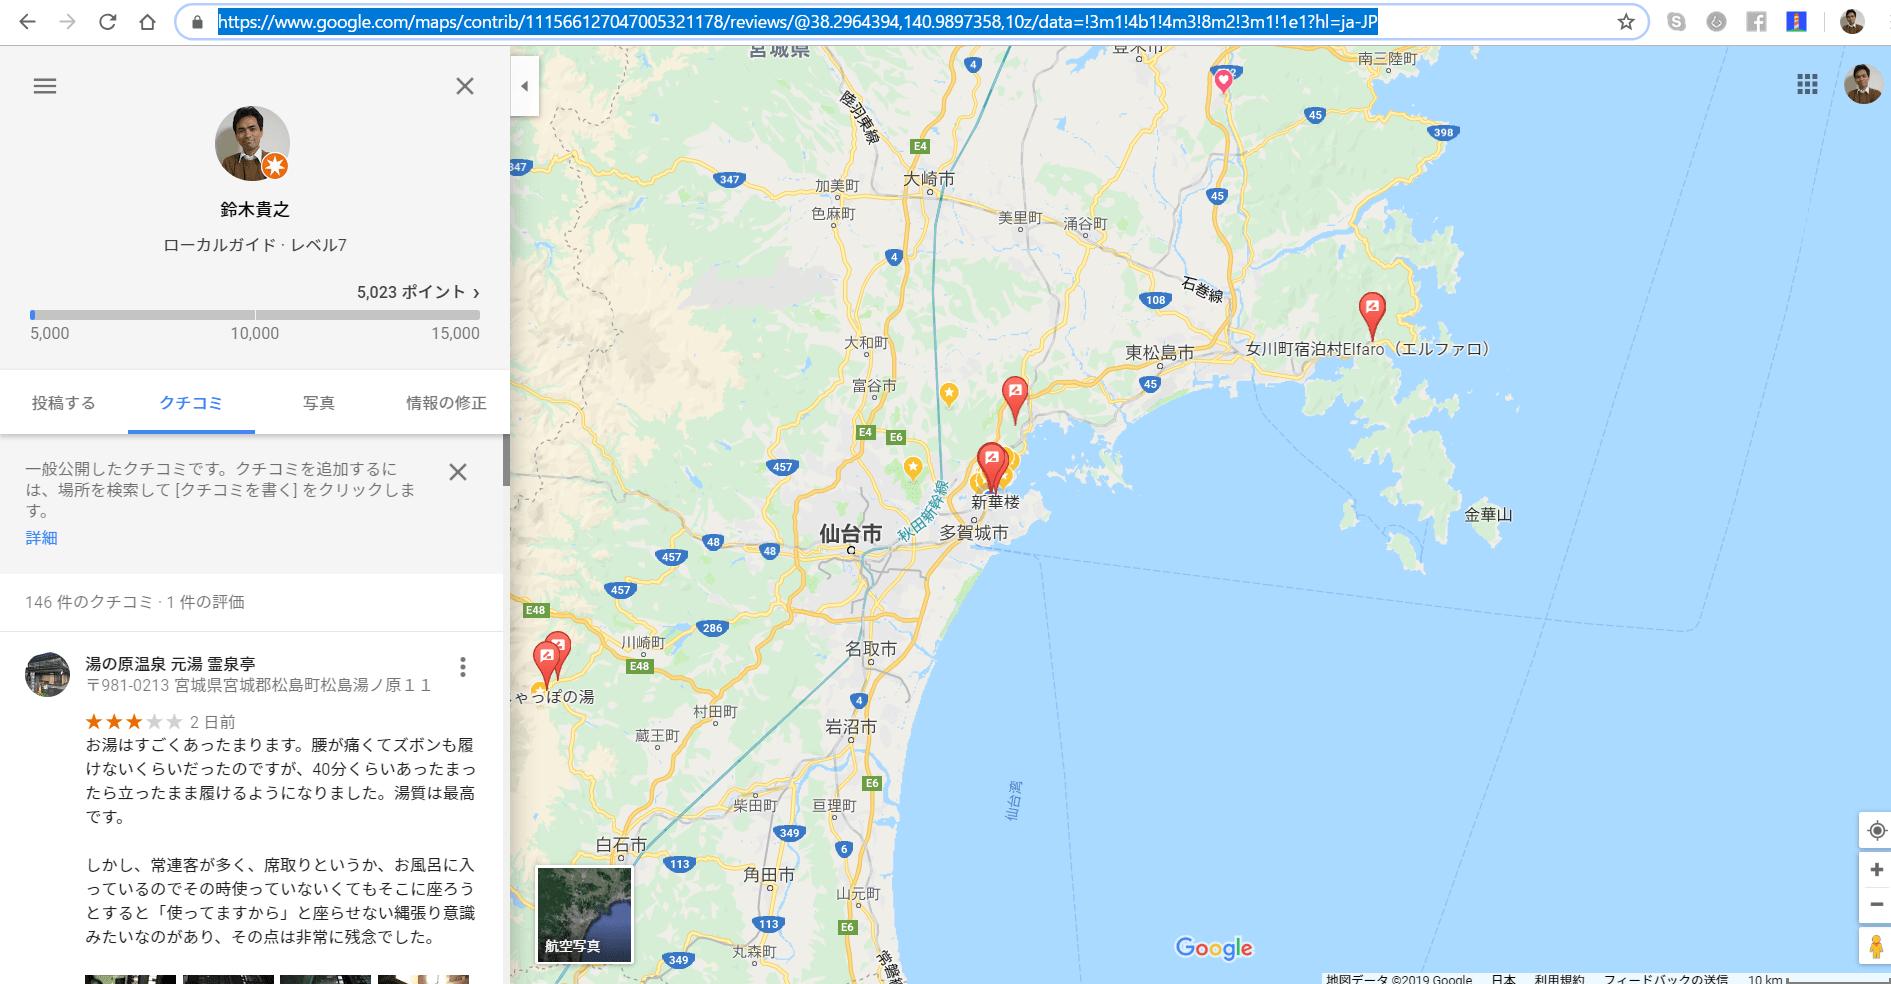 鈴木貴之Googleマップ-min